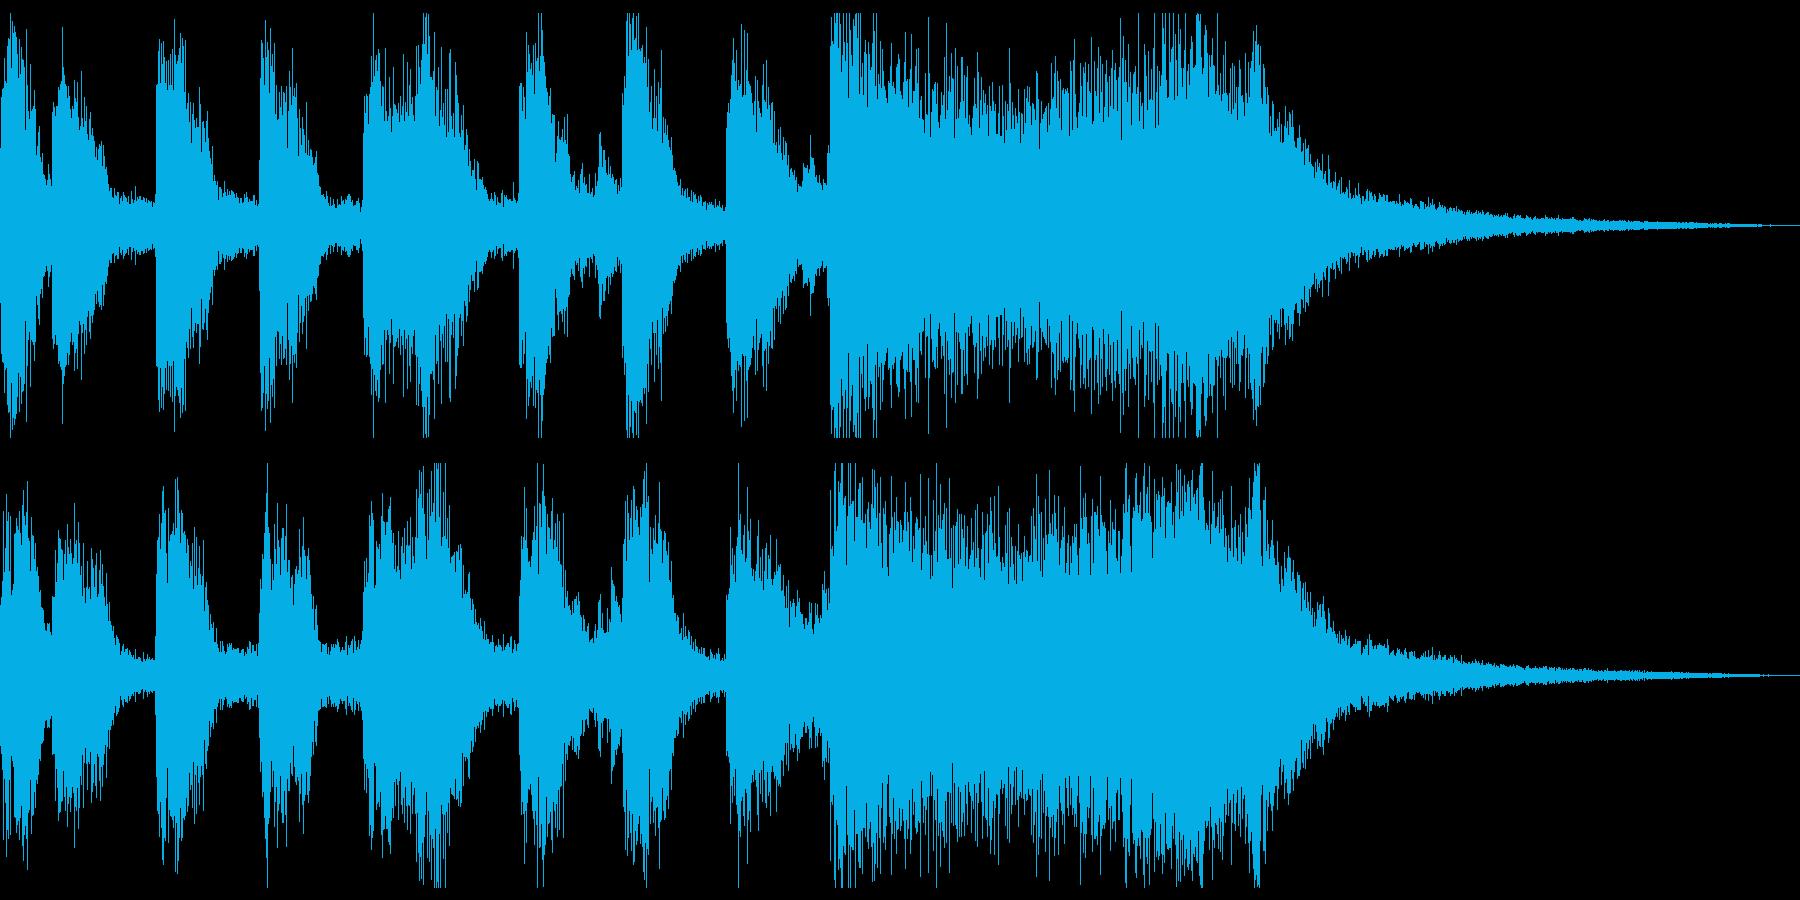 ラテンノリの可愛いファンファーレの再生済みの波形